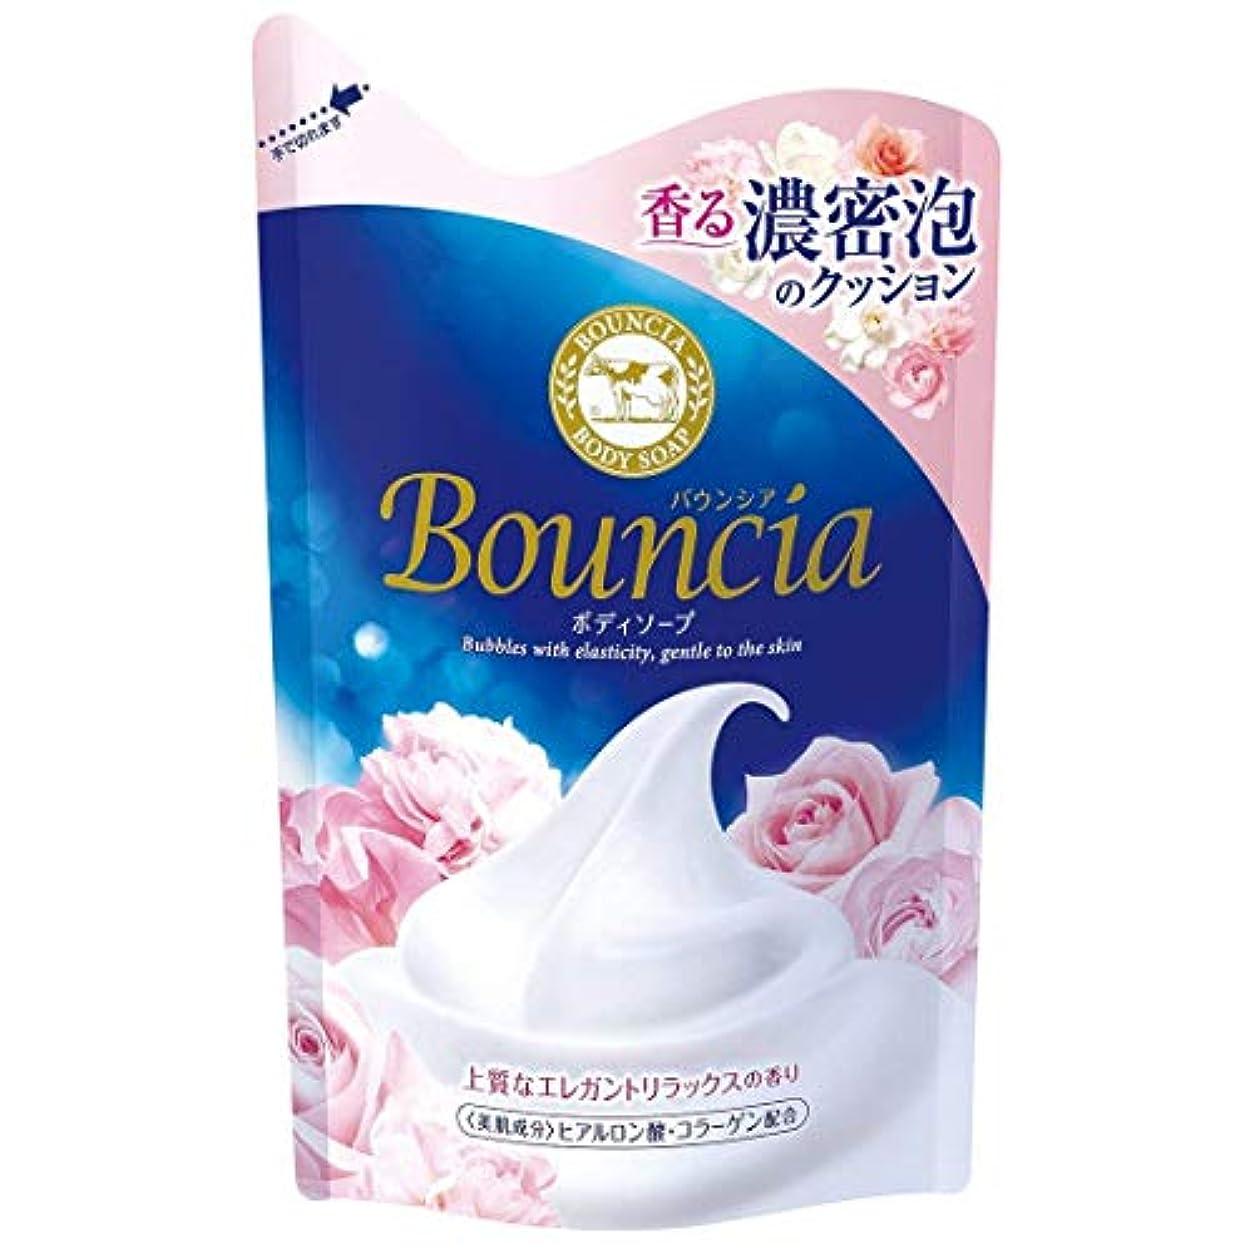 身元愛彼女【まとめ買い】 バウンシア ボディソープ エレガントリラックスの香り つめかえ用 430ml × 3個